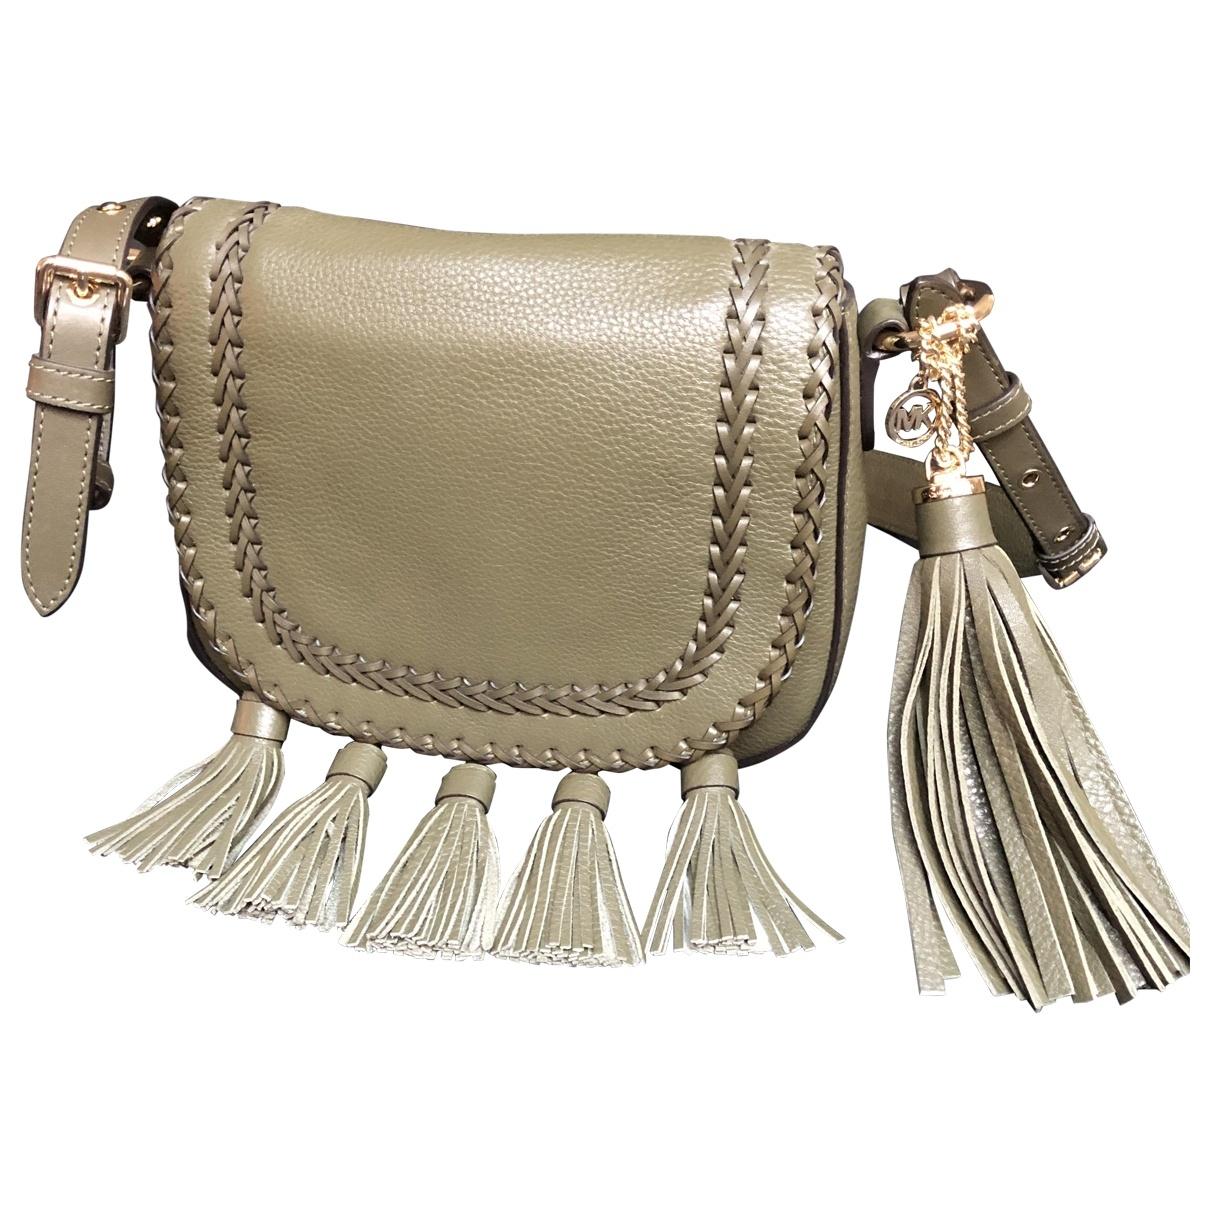 Michael Kors \N Khaki Leather handbag for Women \N